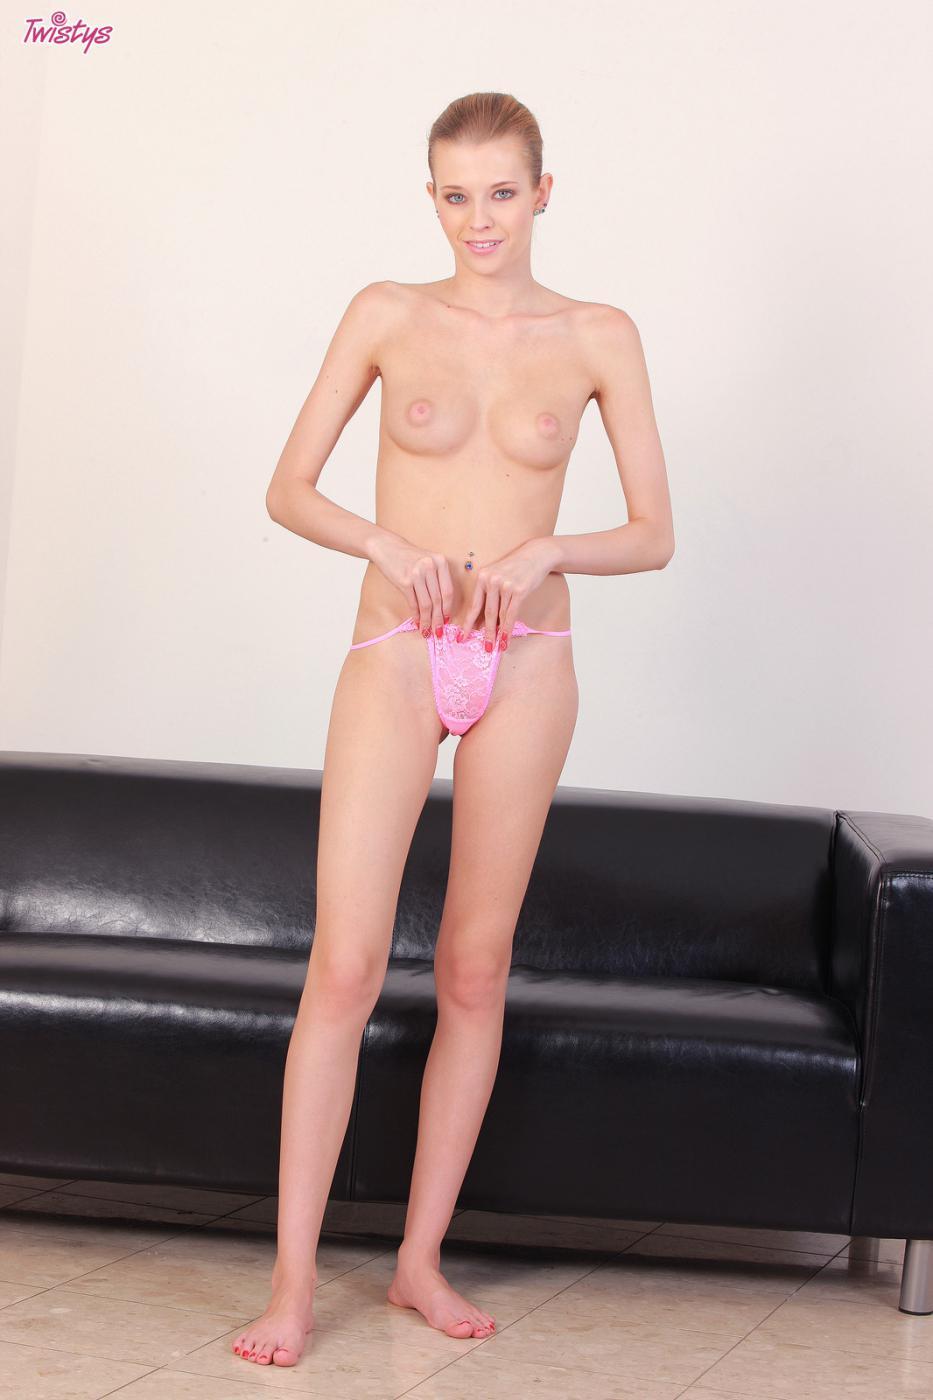 Чистенькая детка Angel Hott снимает одежду и на камеру показывает свою розовую